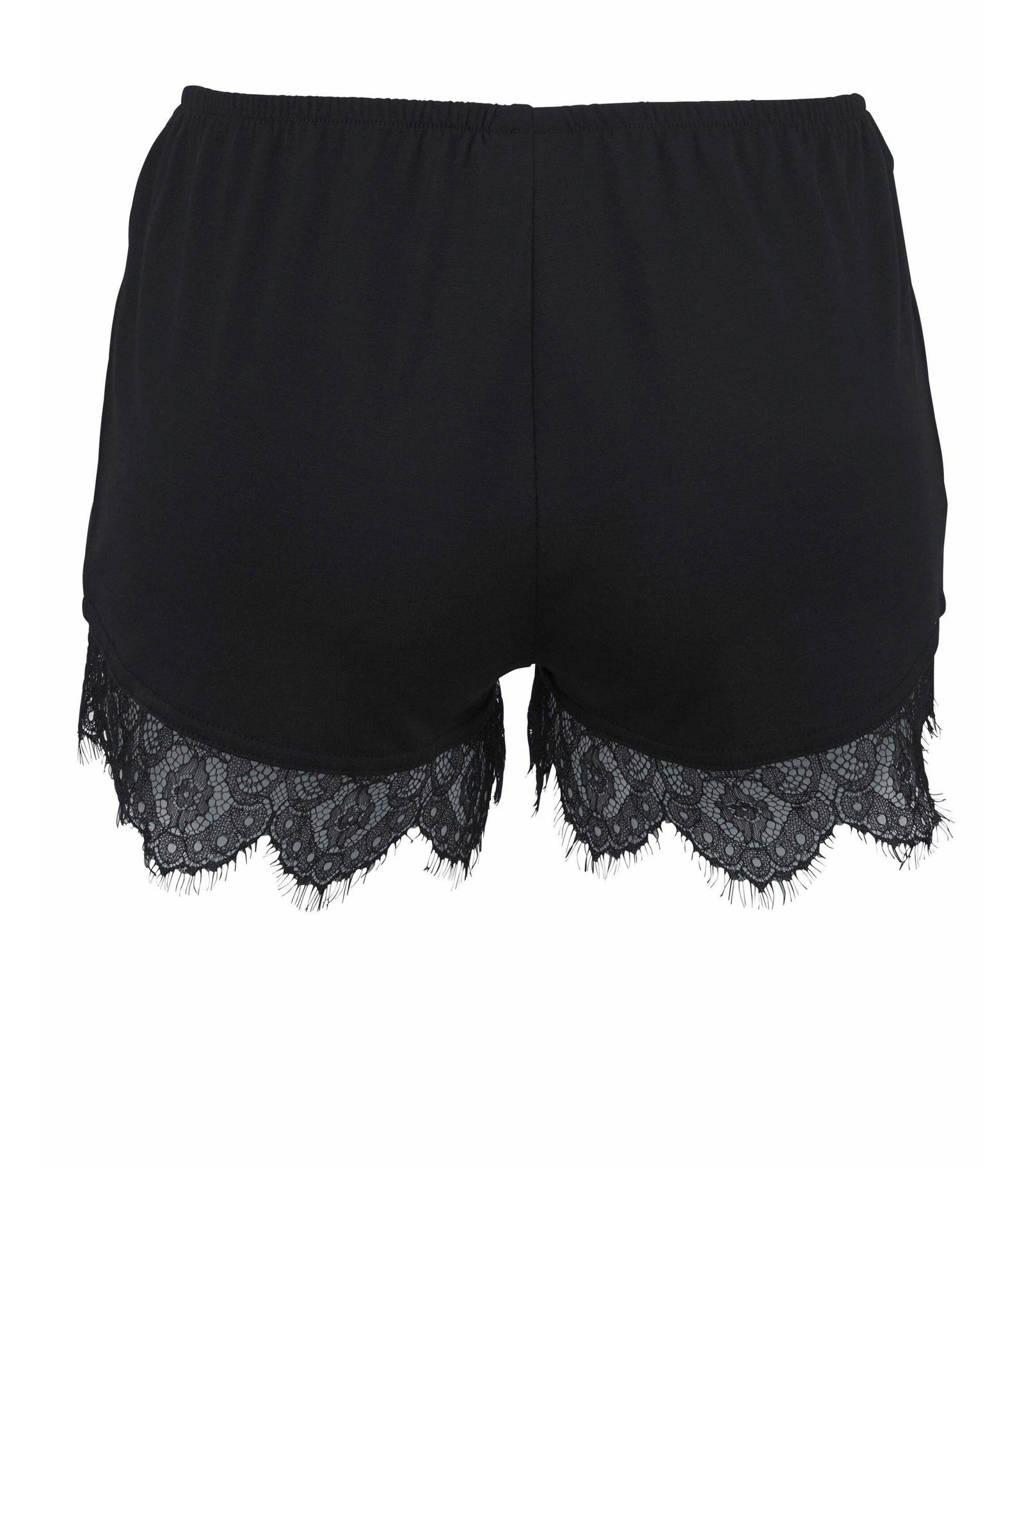 Lascana pyjamashort met kant zwart, Zwart